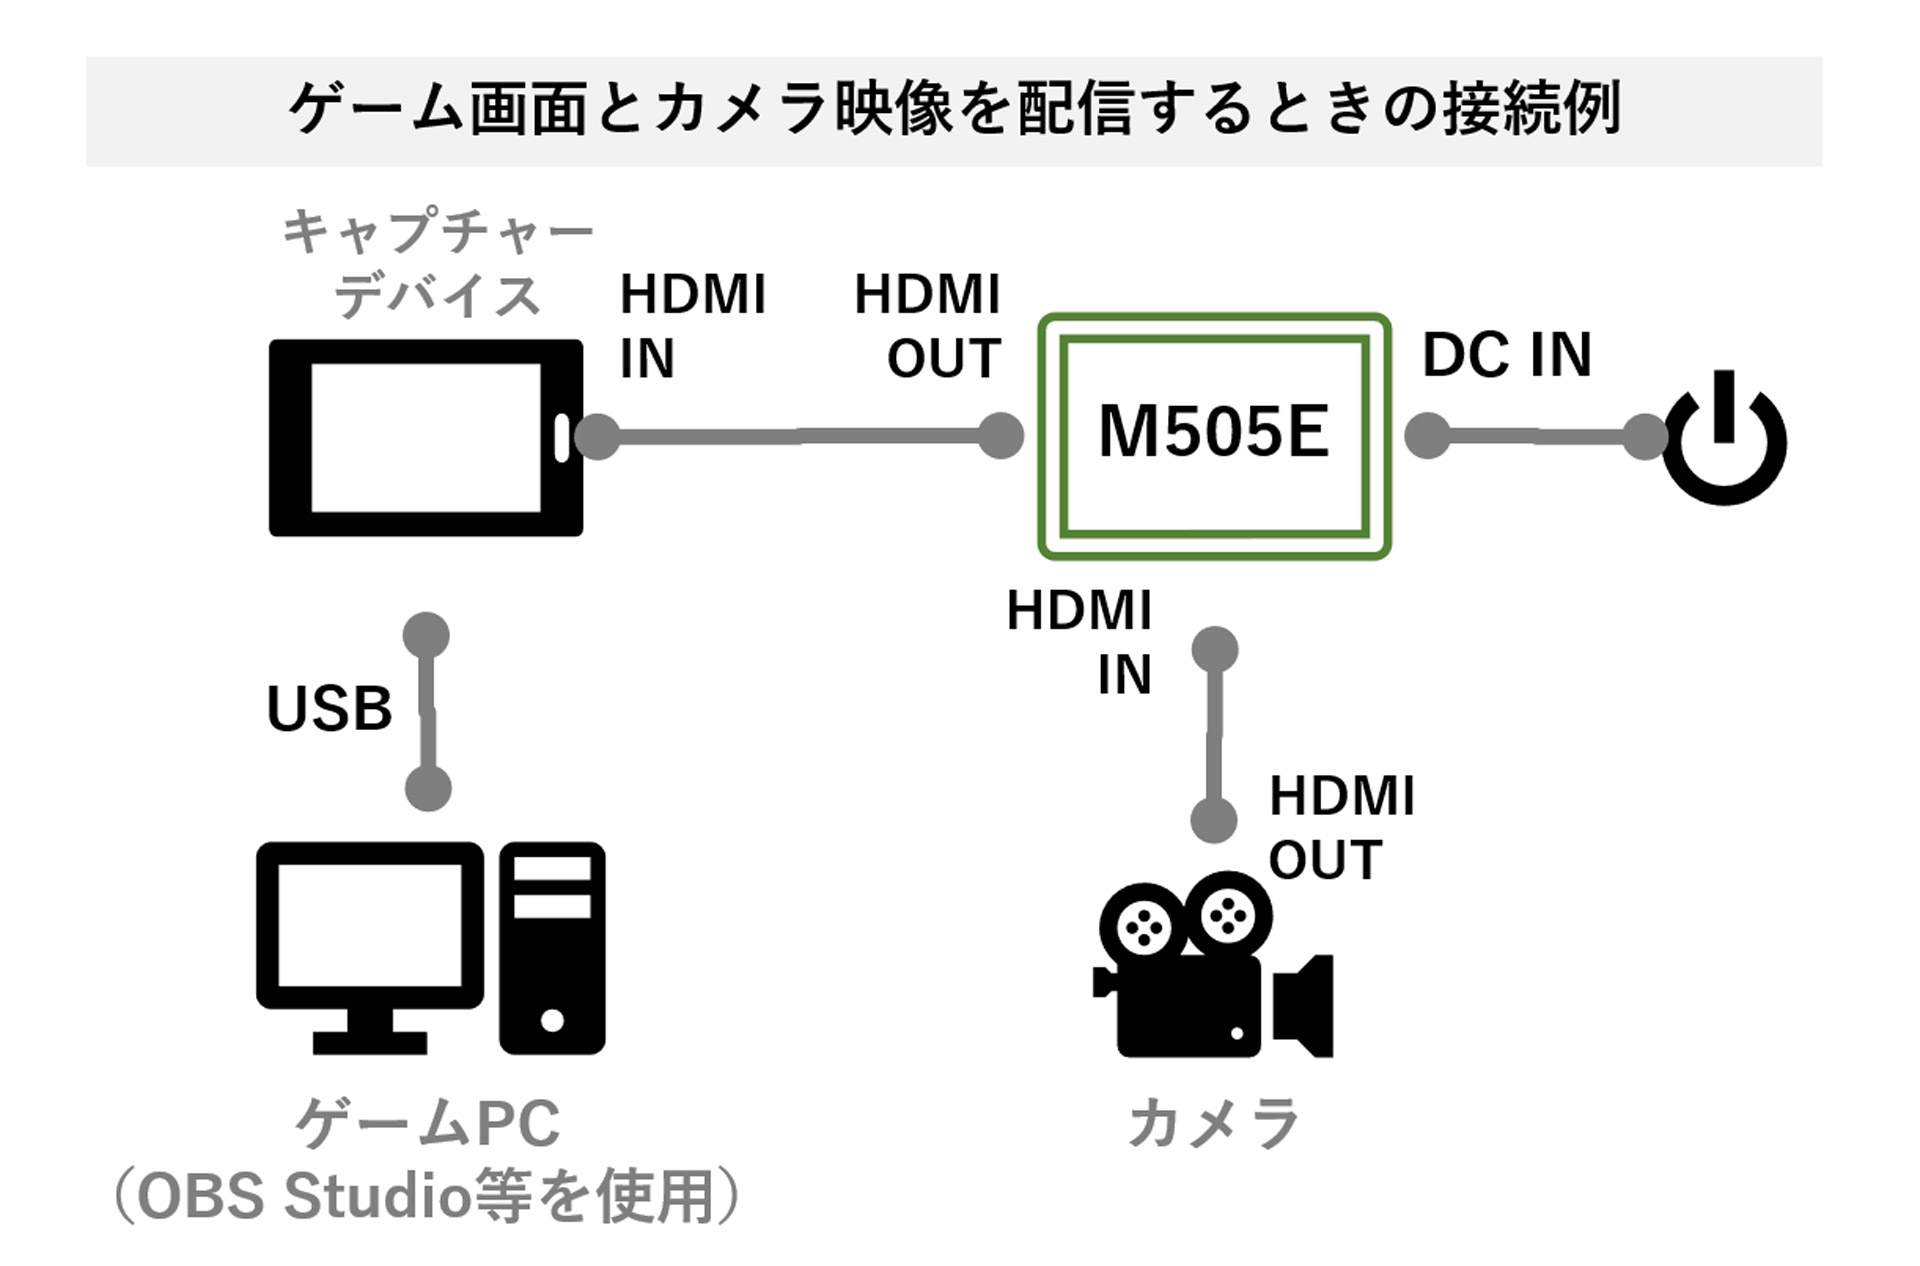 ゲーム画面とカメラ映像を合成して配信するときの接続例